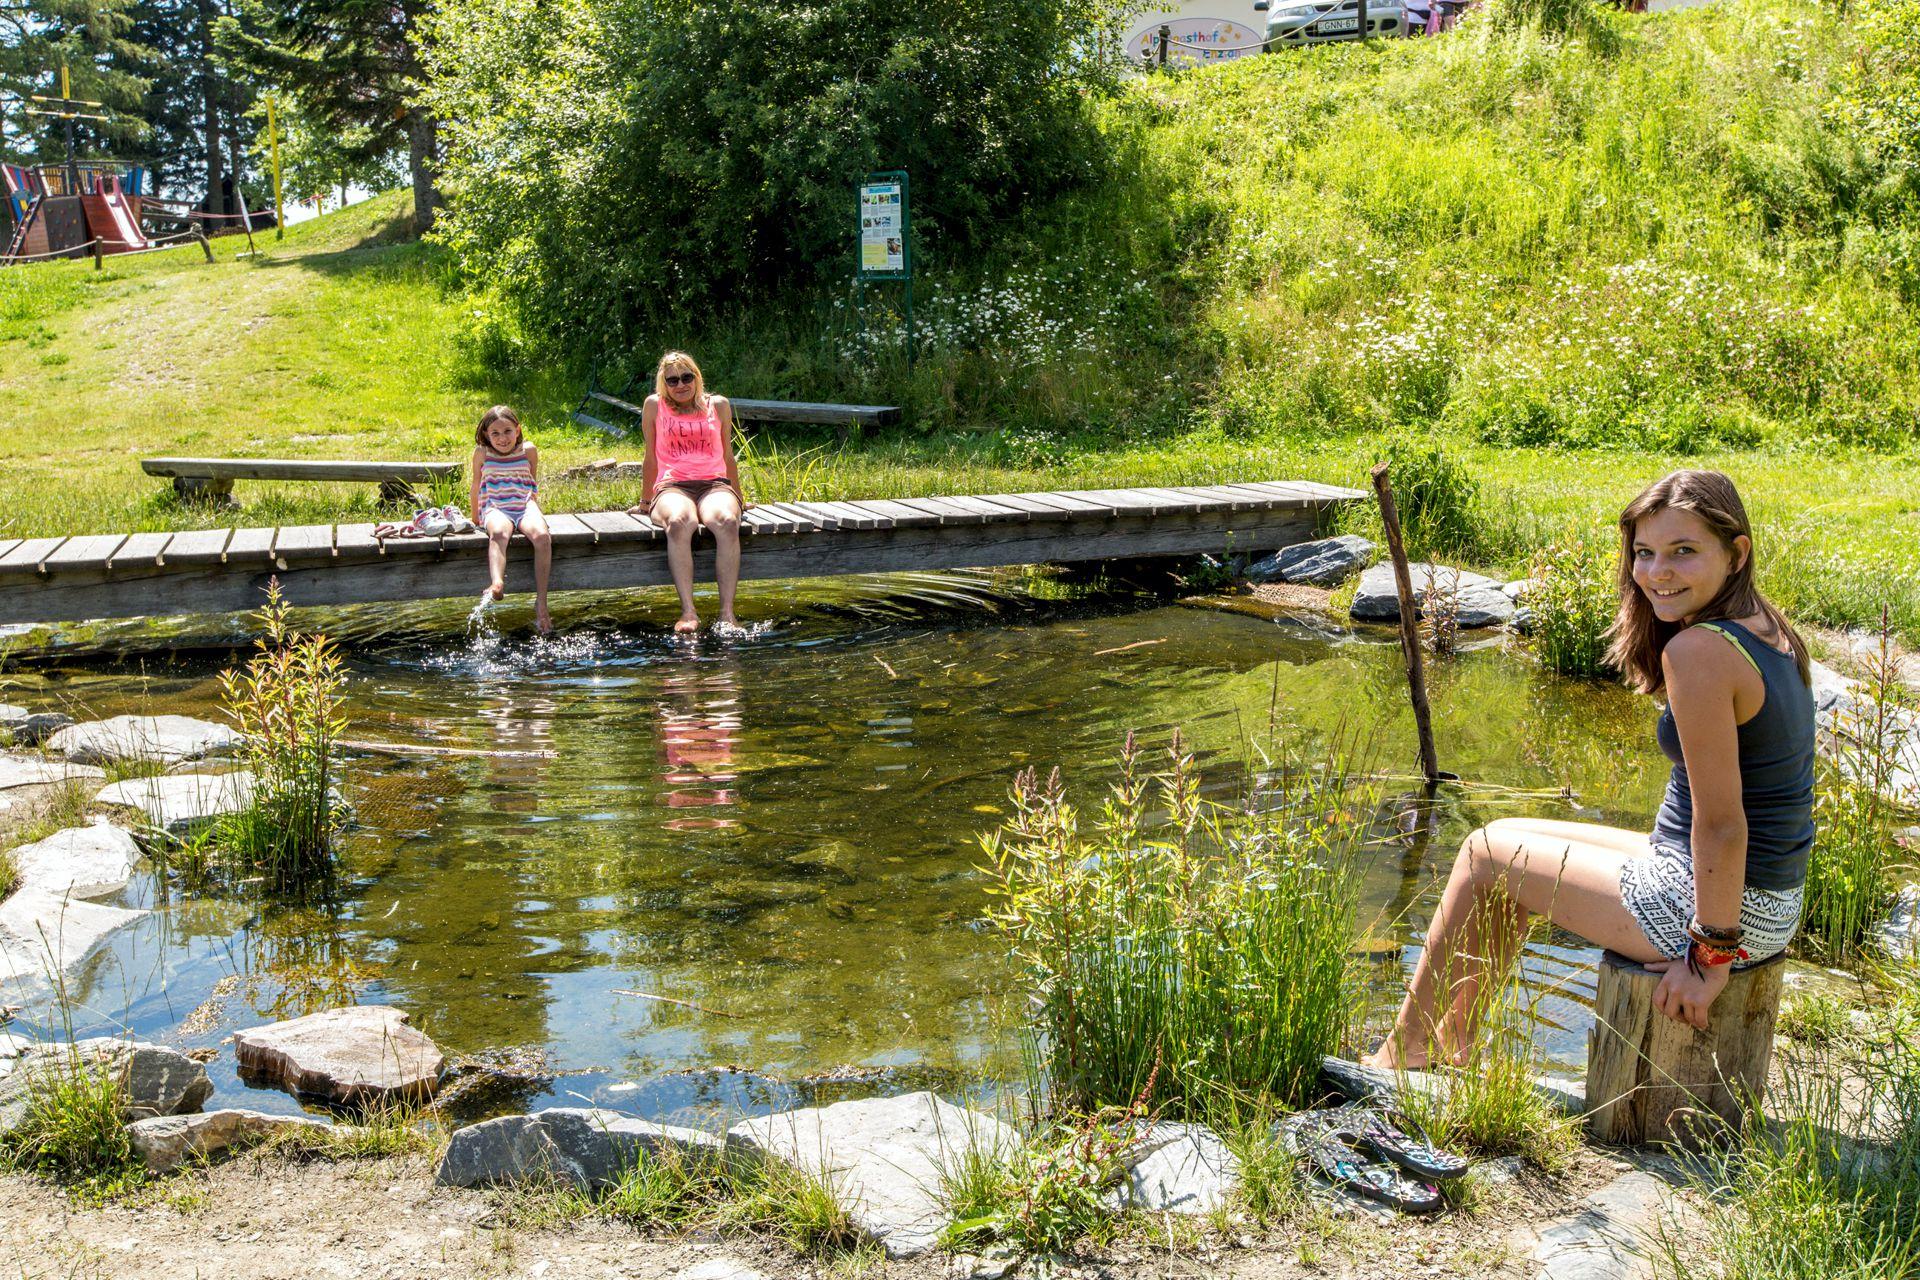 Schwimmen im Naturteich